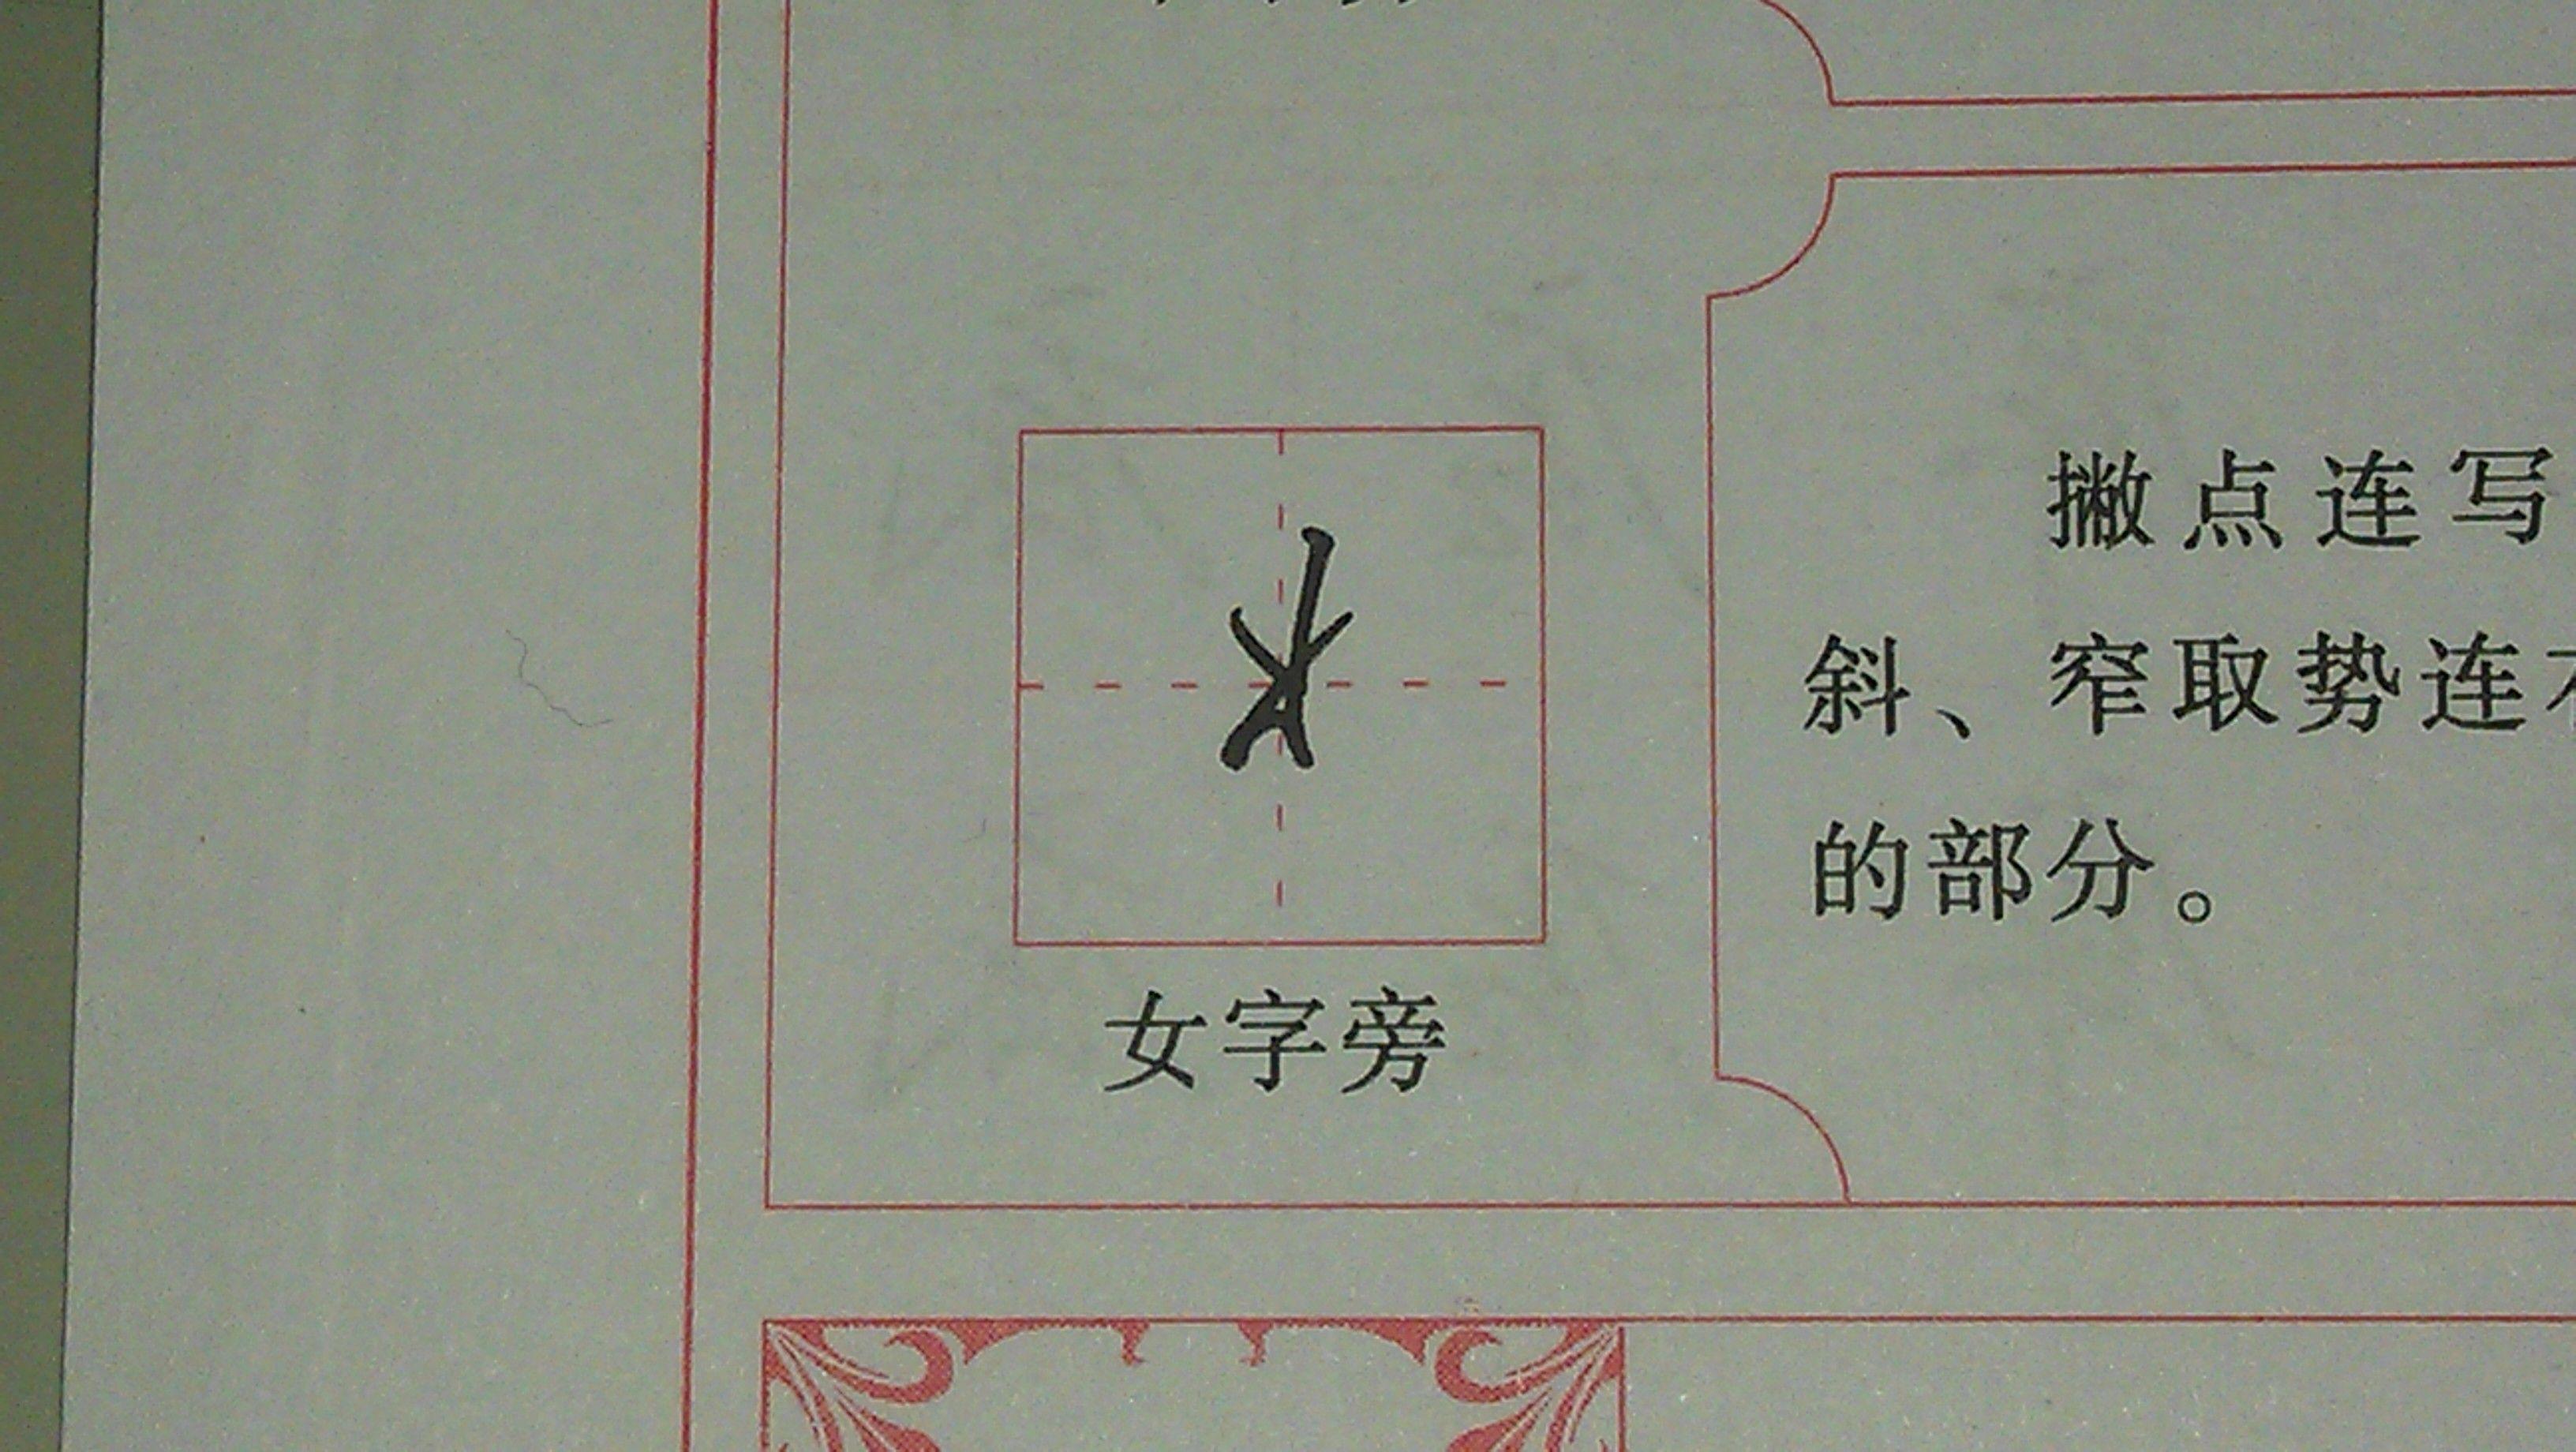 """行书""""王""""字的笔画顺序怎么写,特别是中间怎么连笔的?图片"""